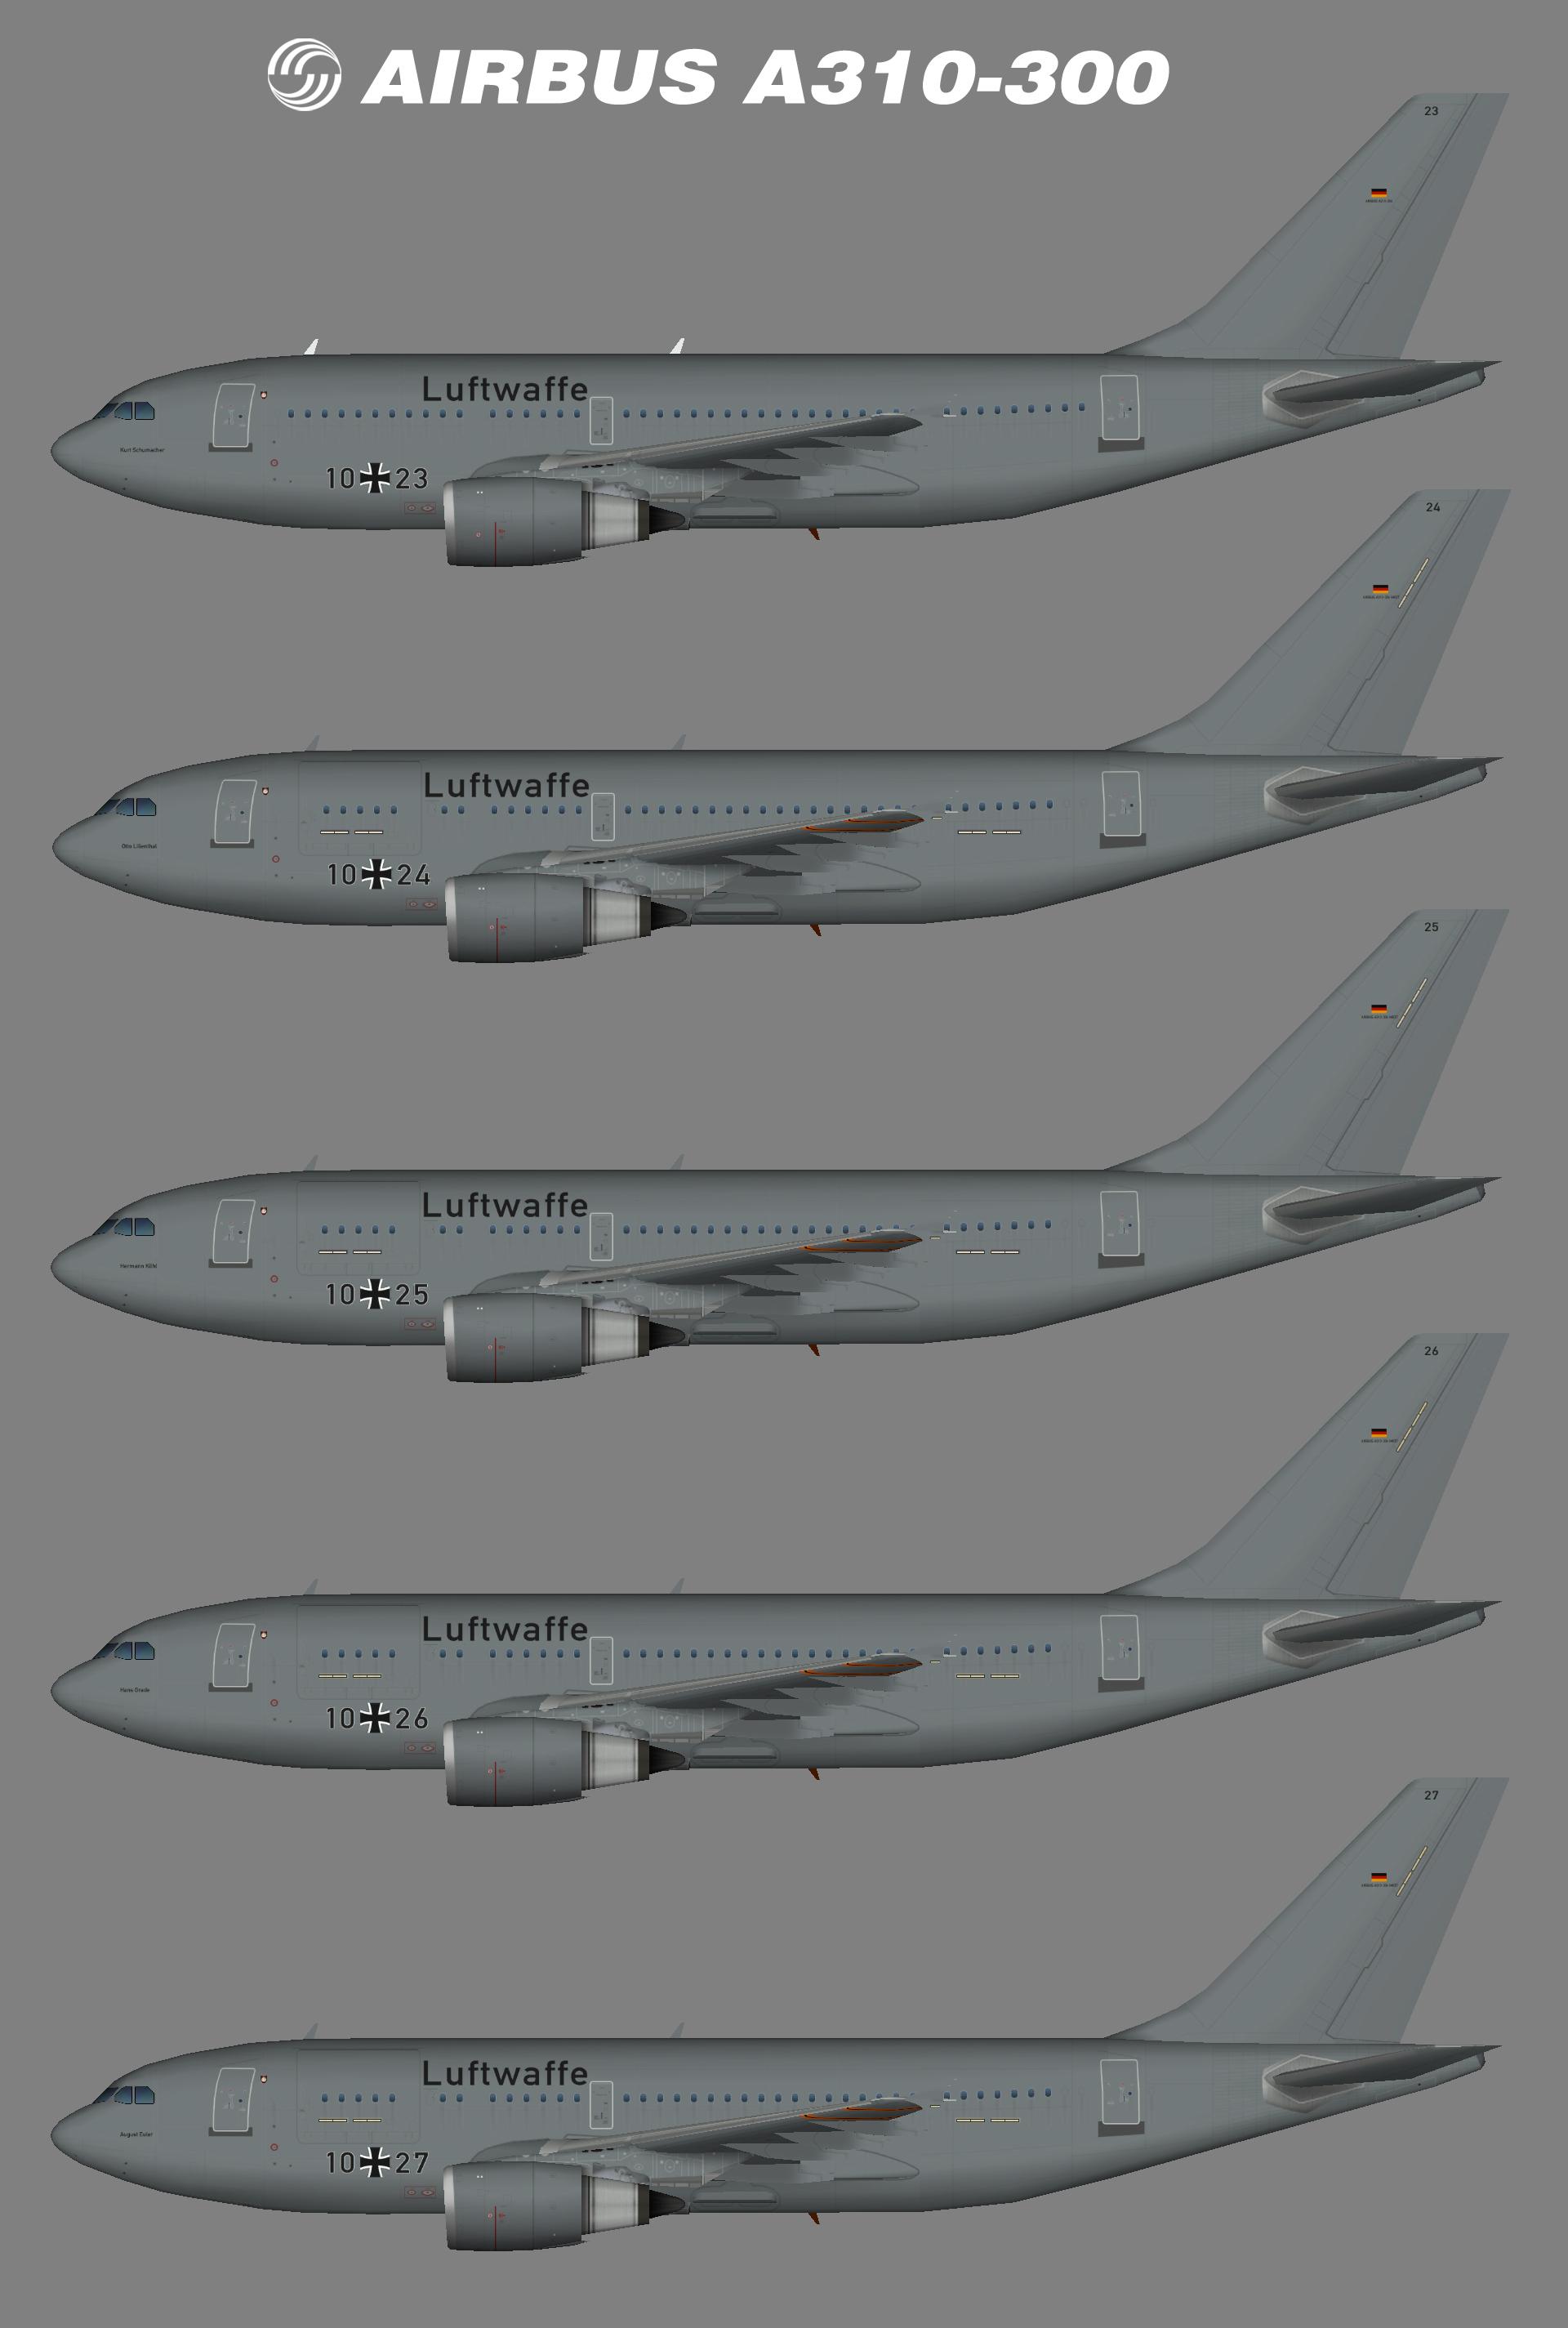 Luftwaffe A310-300